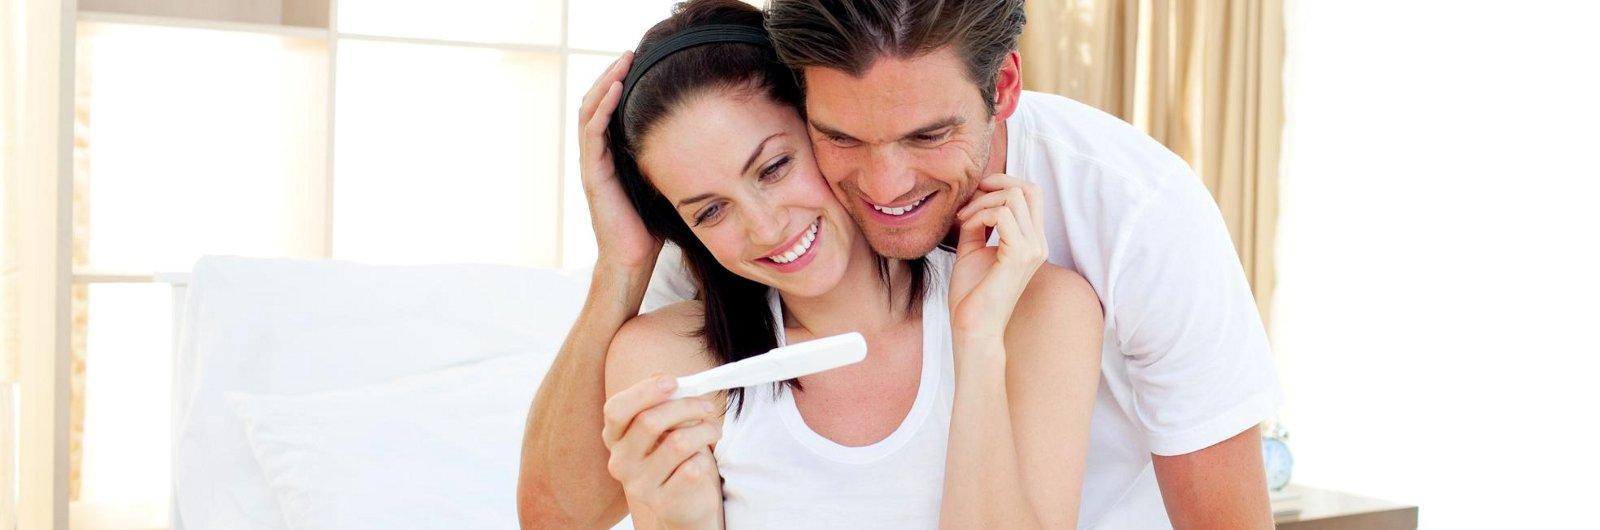 беременна или нет, как узнать